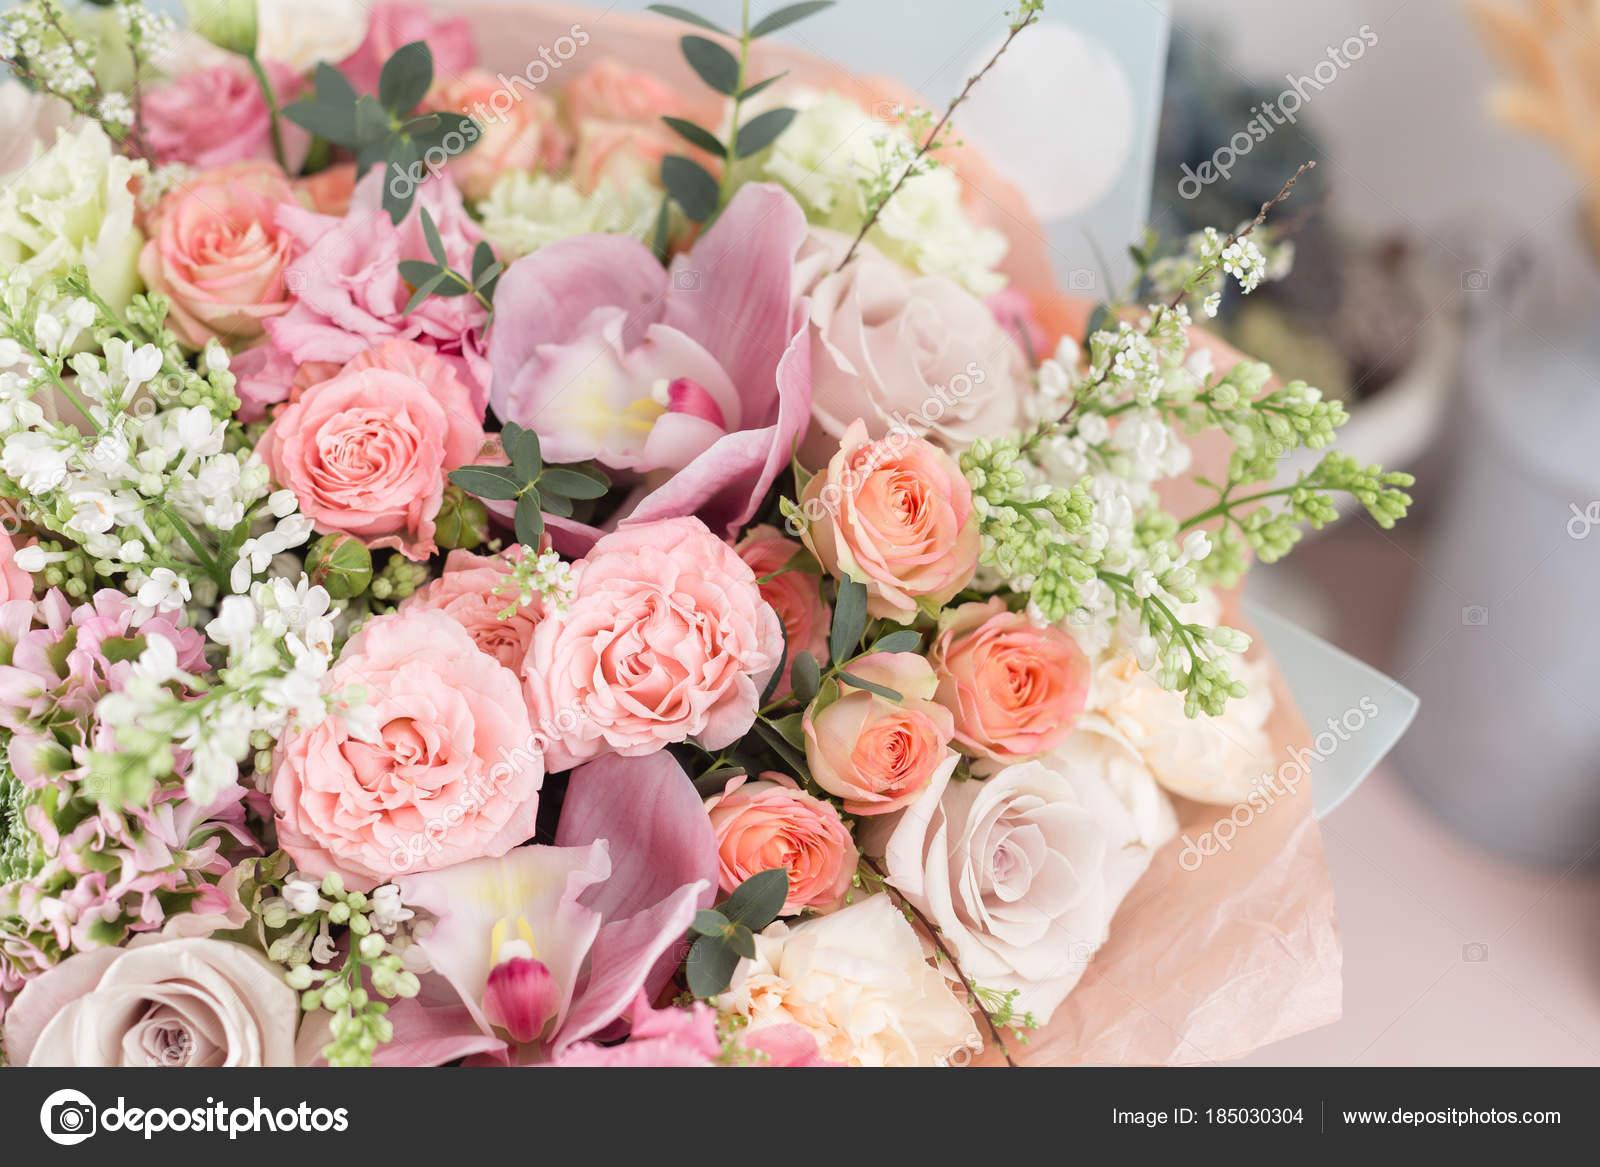 Bouquet De Luxe Beau Gros Plan De Fleurs Mixtes Dans Des Vases De